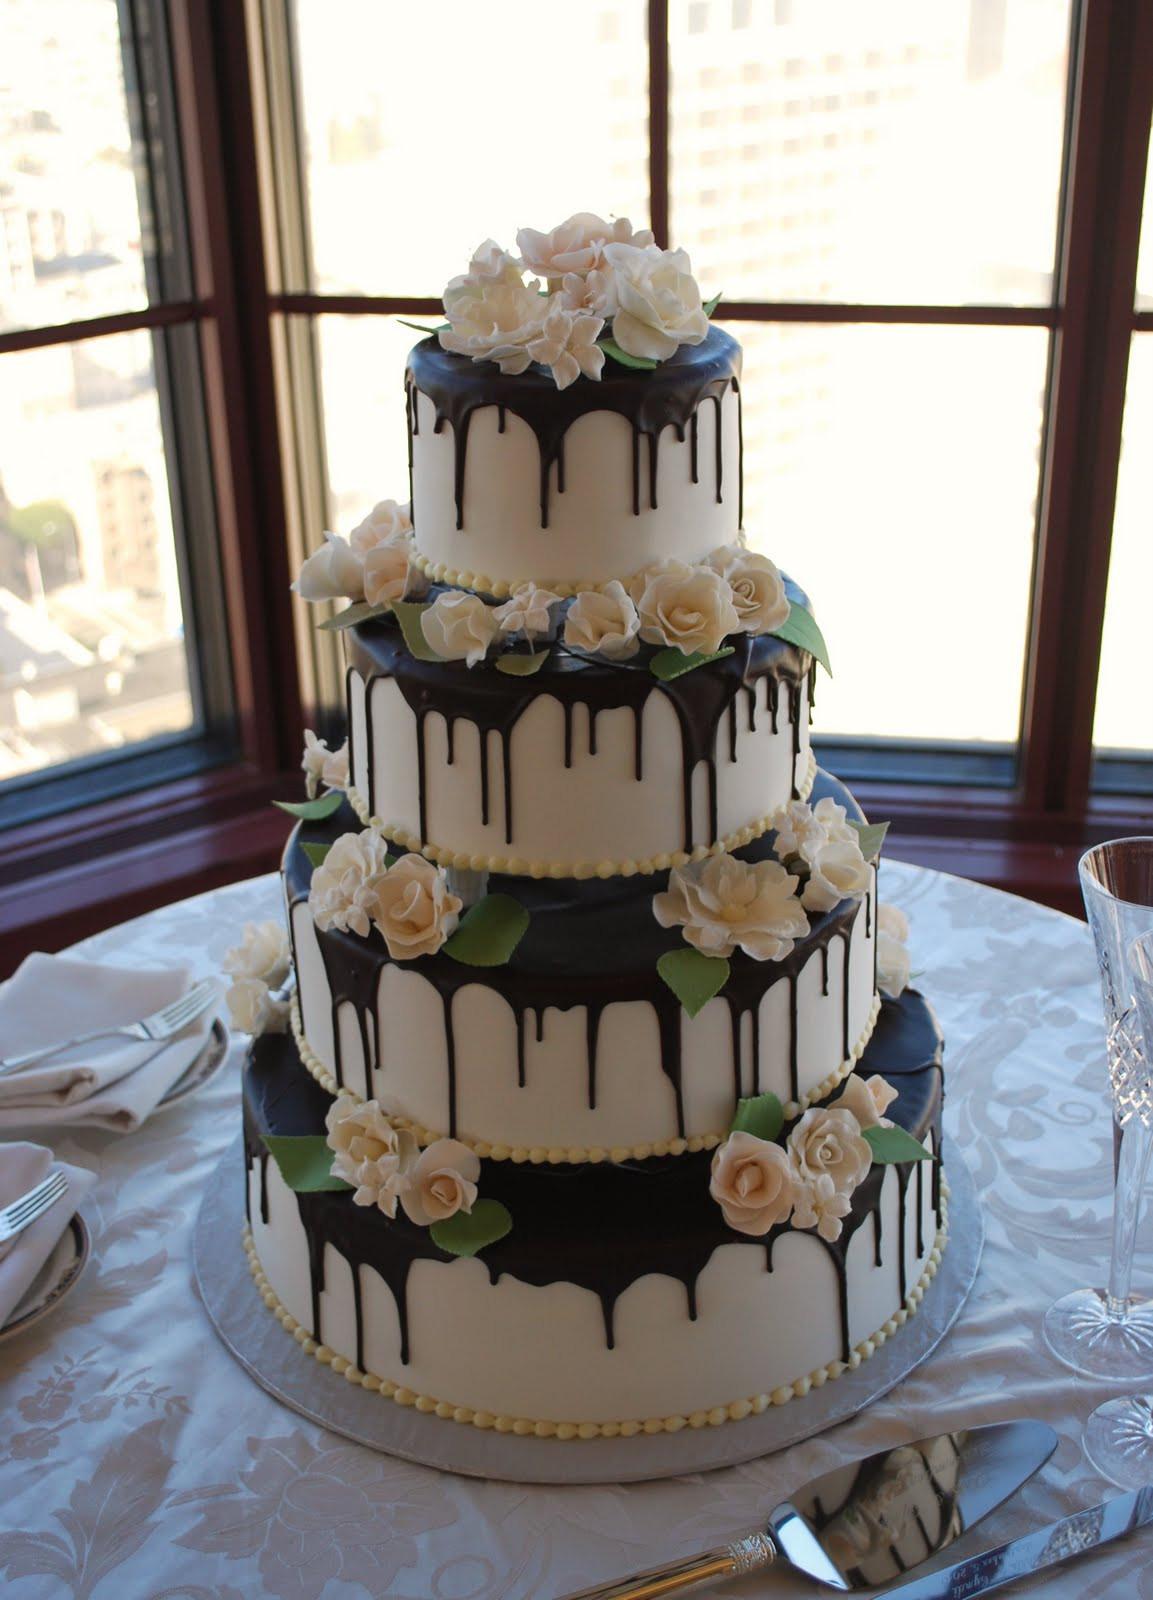 Chocolate Ganache Wedding Cakes  The Beehive Chocolate Ganache White Rose Cake